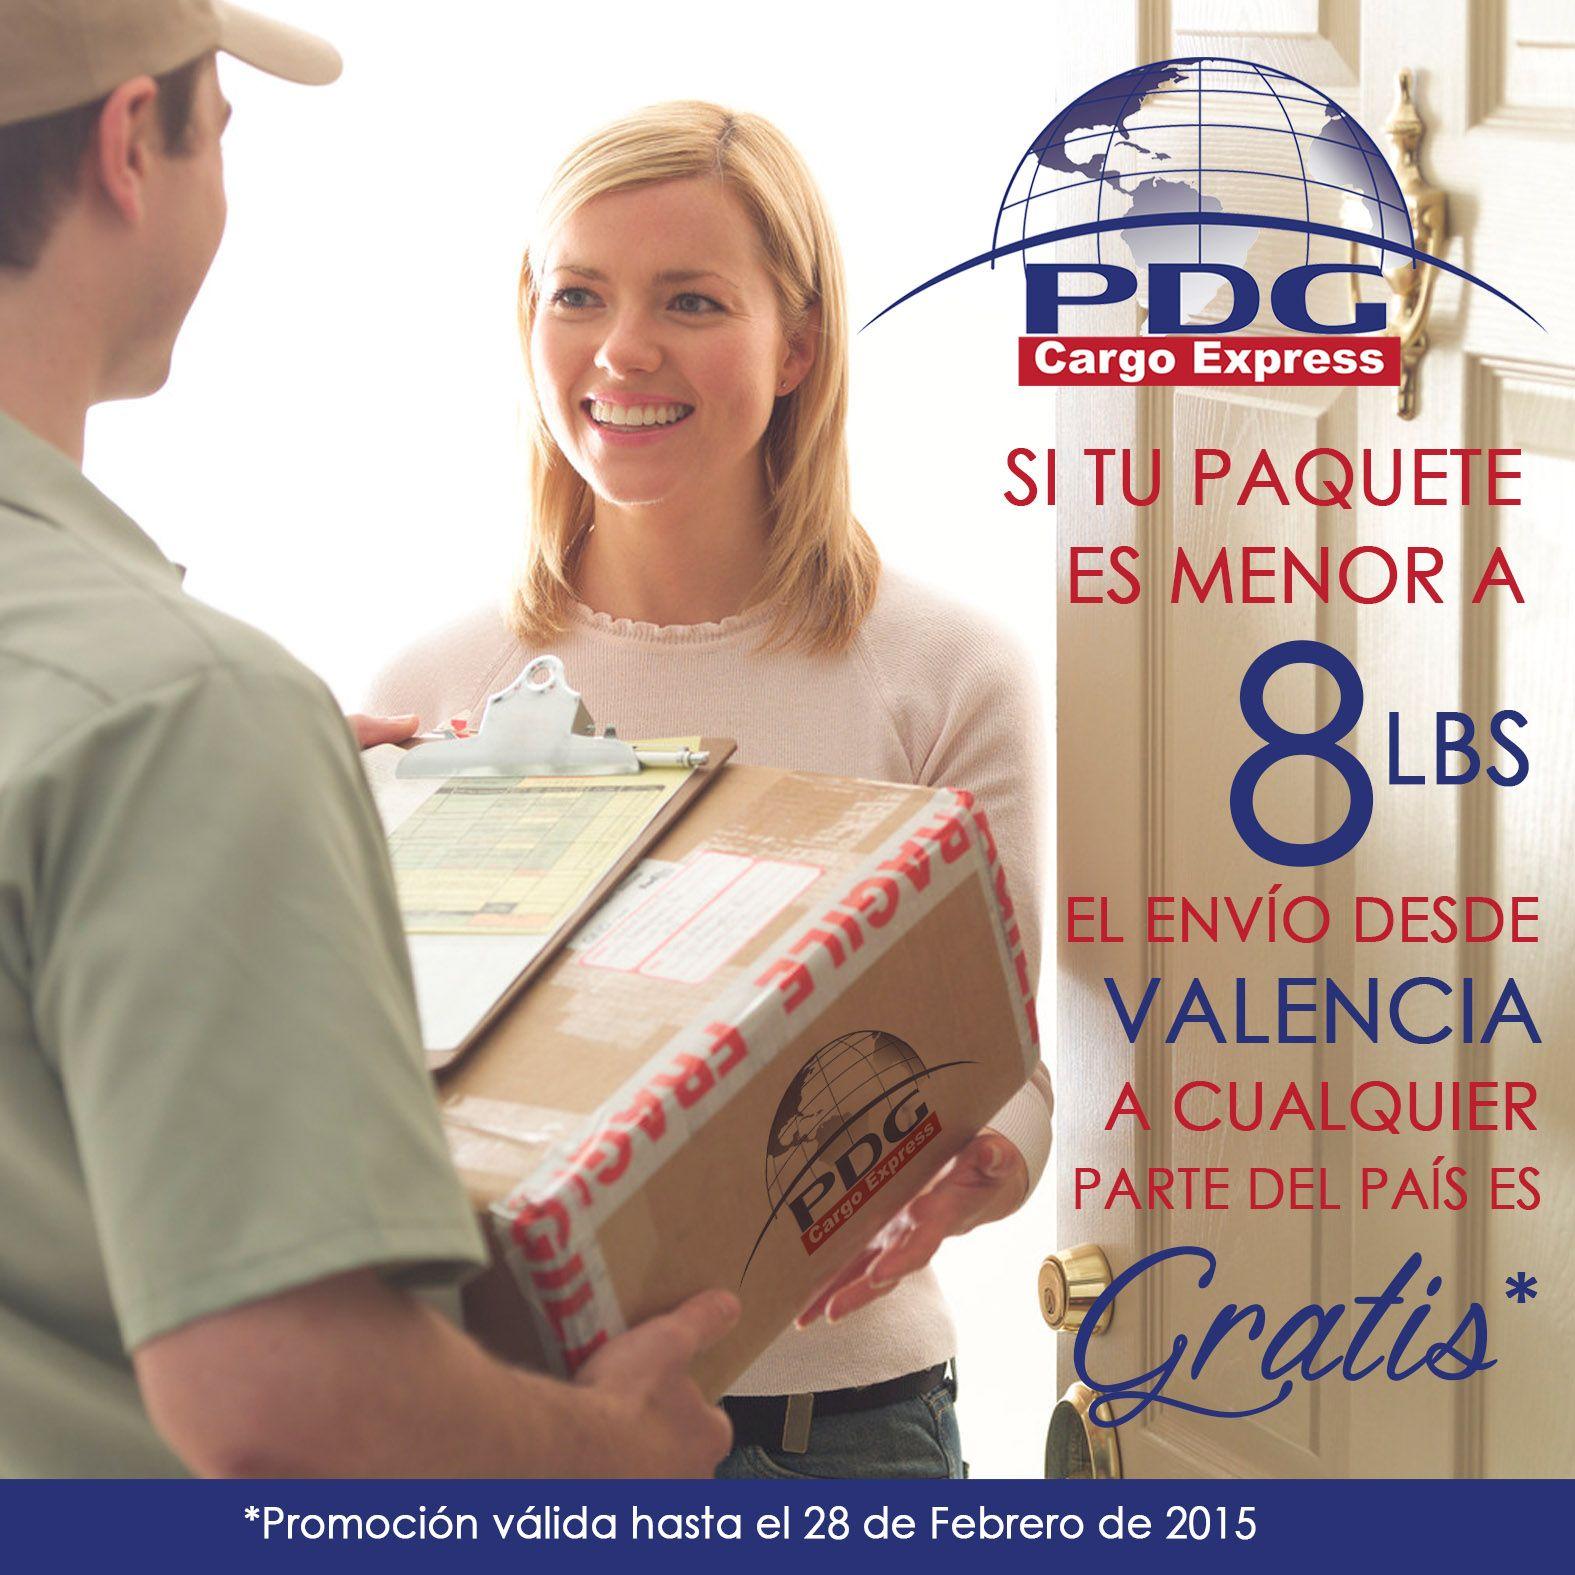 Volvió nuestra promoción, sí tu paquete pesa menos de 8 Lbs el envío de Valencia a cualquier parte del país te sale gratis @pdgcargoexpress #PDGCargoExpress